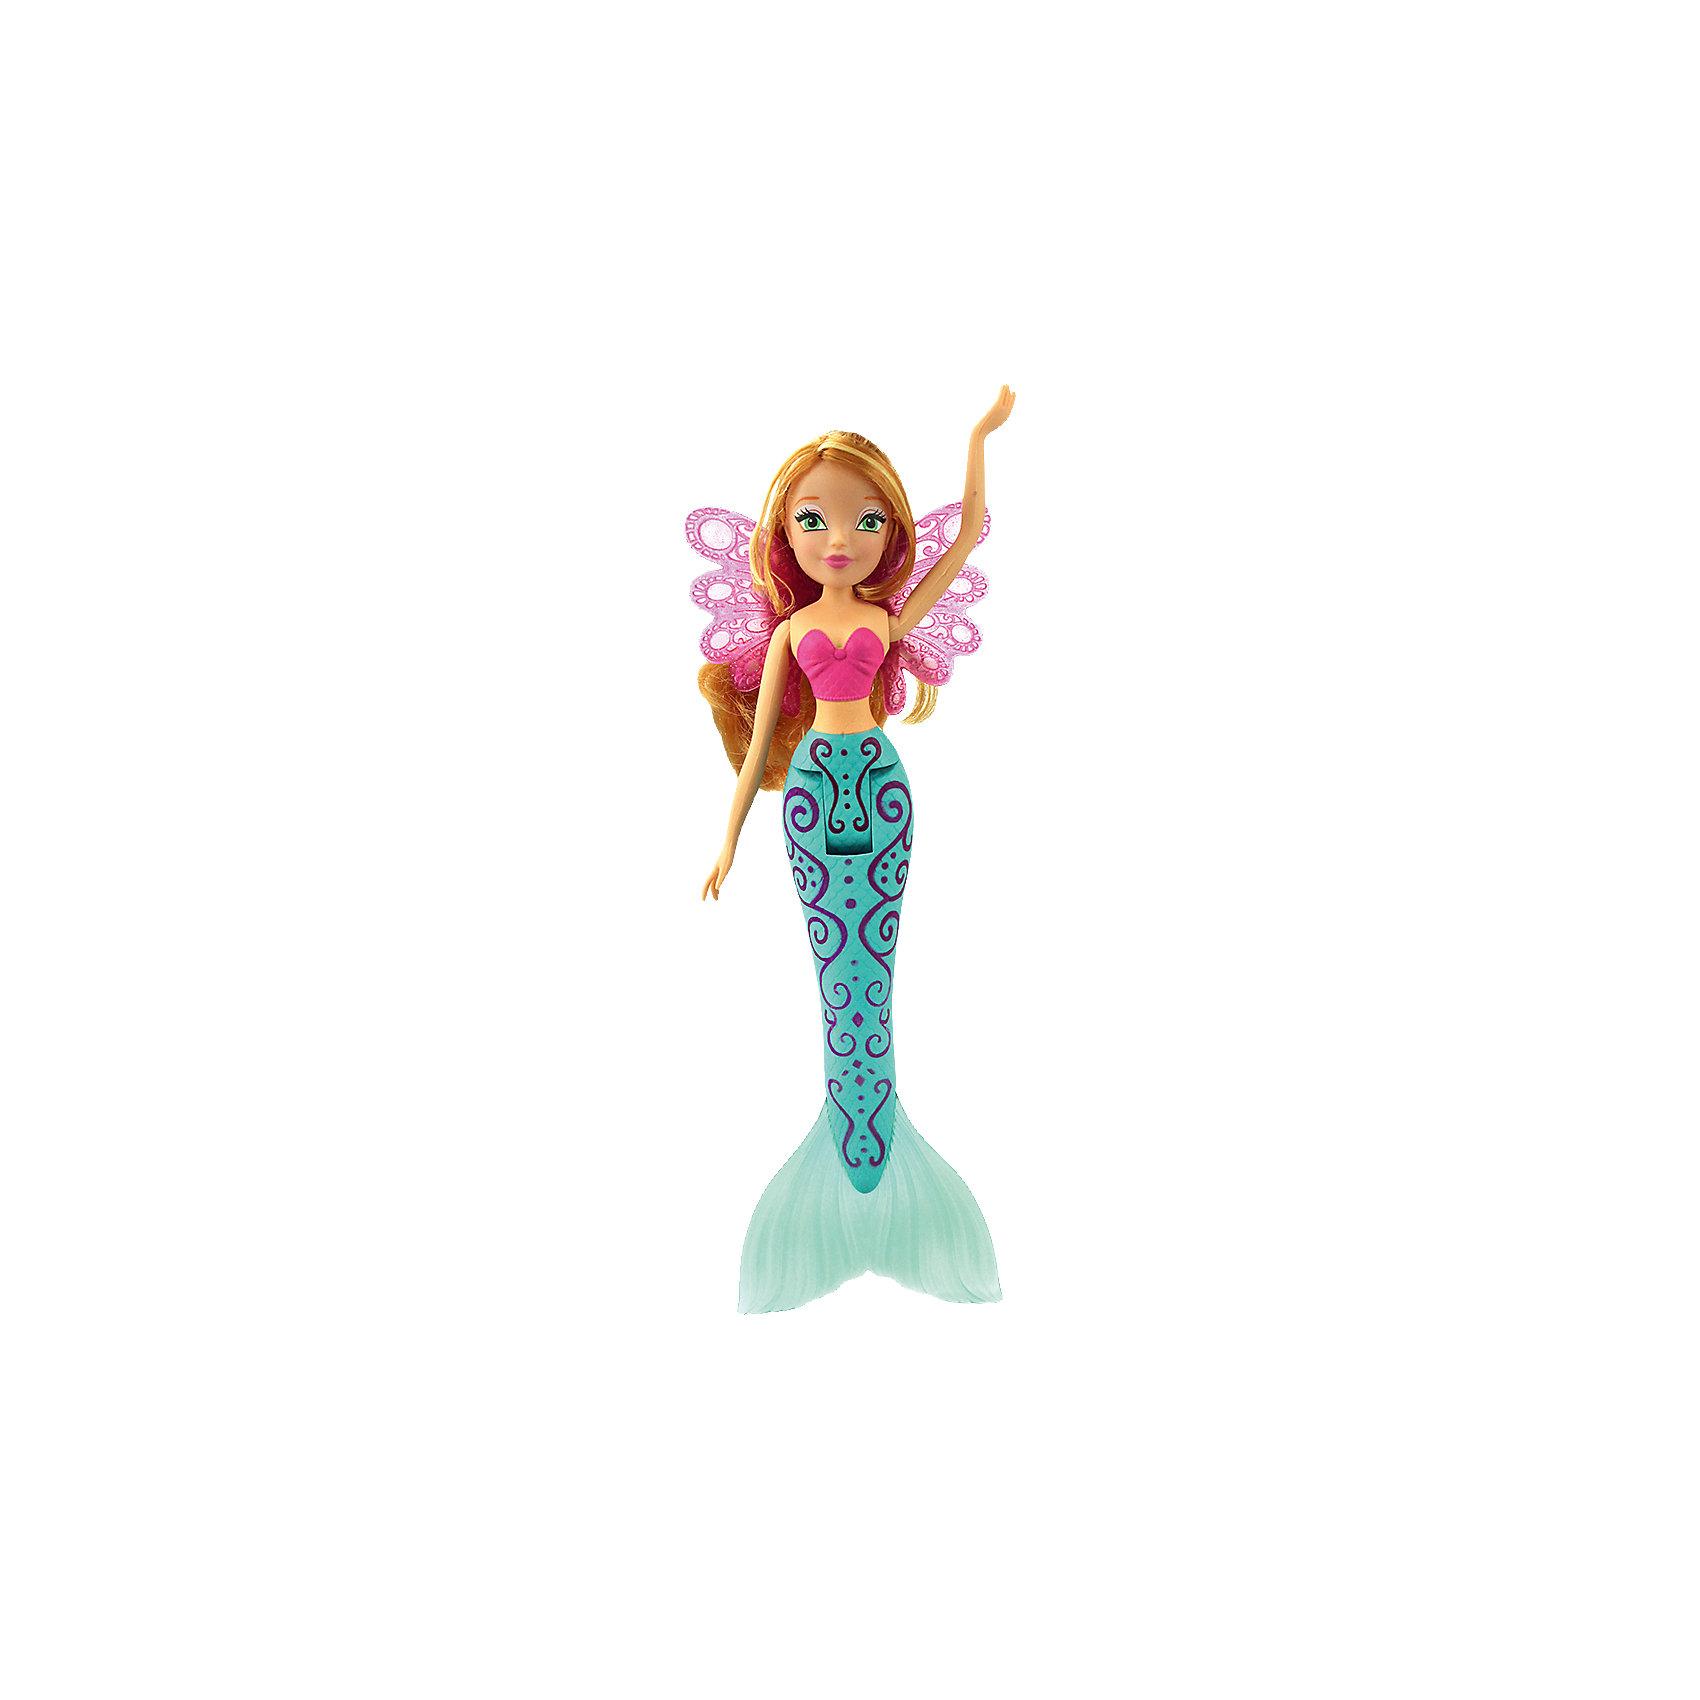 Кукла Флора Русалочка-2, Winx ClubКуклы-русалки<br>Характеристики товара:<br><br>• возраст: от 3 лет;<br>• материал: пластик, текстиль;<br>• в комплекте: кукла, крылья, расческа;<br>• высота куклы: 28 см;<br>• размер упаковки: 35х15х6 см;<br>• вес упаковки: 240 гр.;<br>• страна производитель: Китай.<br><br>Кукла Флора «Русалочка-2» Winx Club создана по мотивам известного мультсериала «Клуб Винкс: Школа волшебниц» про очаровательных фей-волшебниц. Флора любит выращивать растения и цветы и варить зелье для них. Вся ее комната усыпана разнообразными цветочками. Она общительна и с удовольствием приглашает в гости свою подружку Лейлу.<br><br>У феи зеленые выразительные глаза и светлые волнистые волосы. Она предстает в образе русалочки с голубым хвостом, украшенным узорами. Хвост феи волшебный, так как при прикосновении с водой он меняет свой цвет. Руки и хвост куклы подвижны.<br><br>Куклу Флору «Русалочка-2» Winx Club можно приобрести в нашем интернет-магазине.<br><br>Ширина мм: 60<br>Глубина мм: 350<br>Высота мм: 150<br>Вес г: 240<br>Возраст от месяцев: 36<br>Возраст до месяцев: 2147483647<br>Пол: Женский<br>Возраст: Детский<br>SKU: 5532638